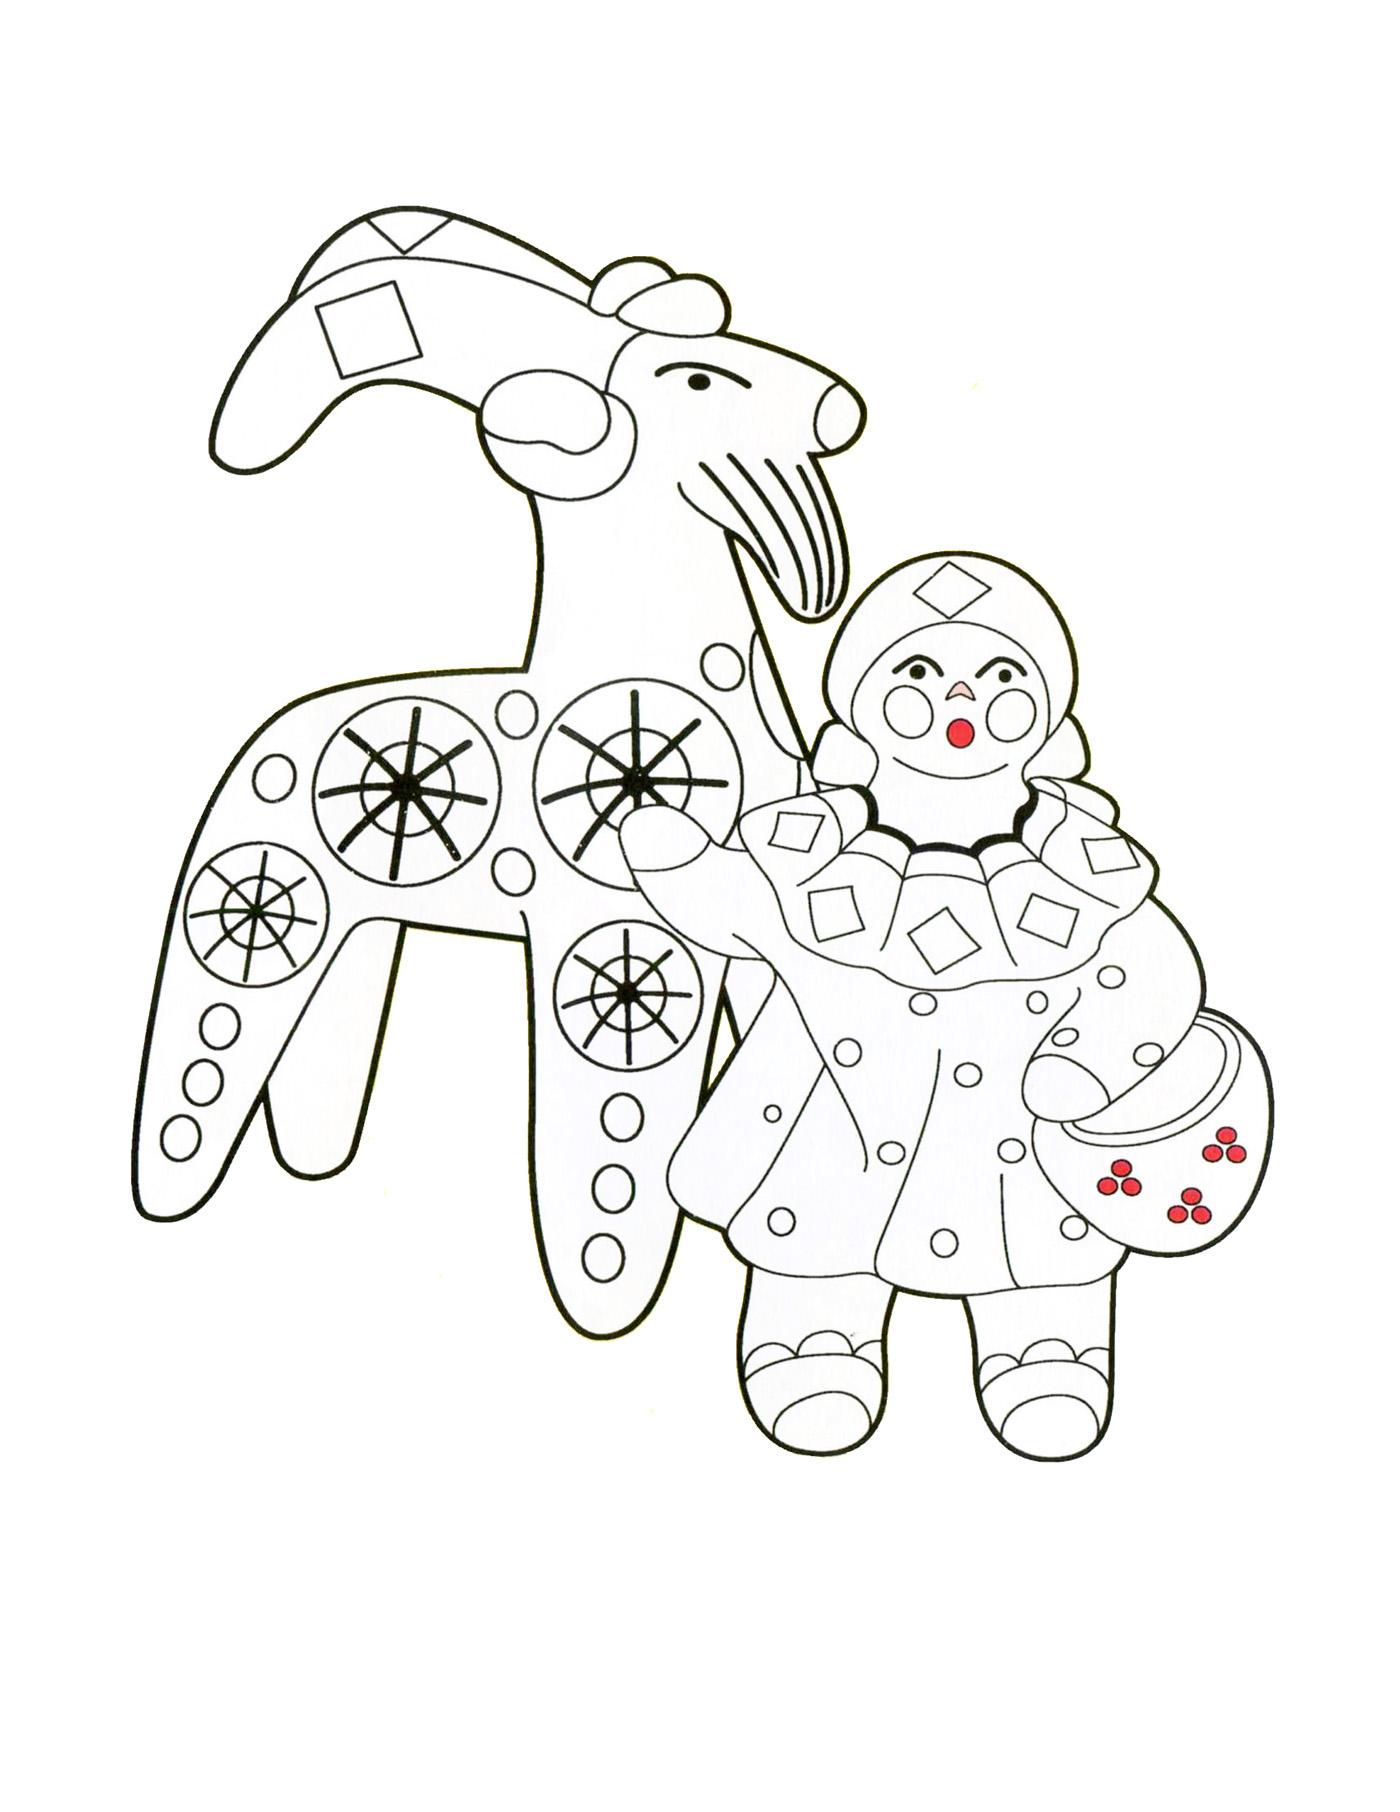 картинки дымковские рисунки для раскрашивания простое совпадение